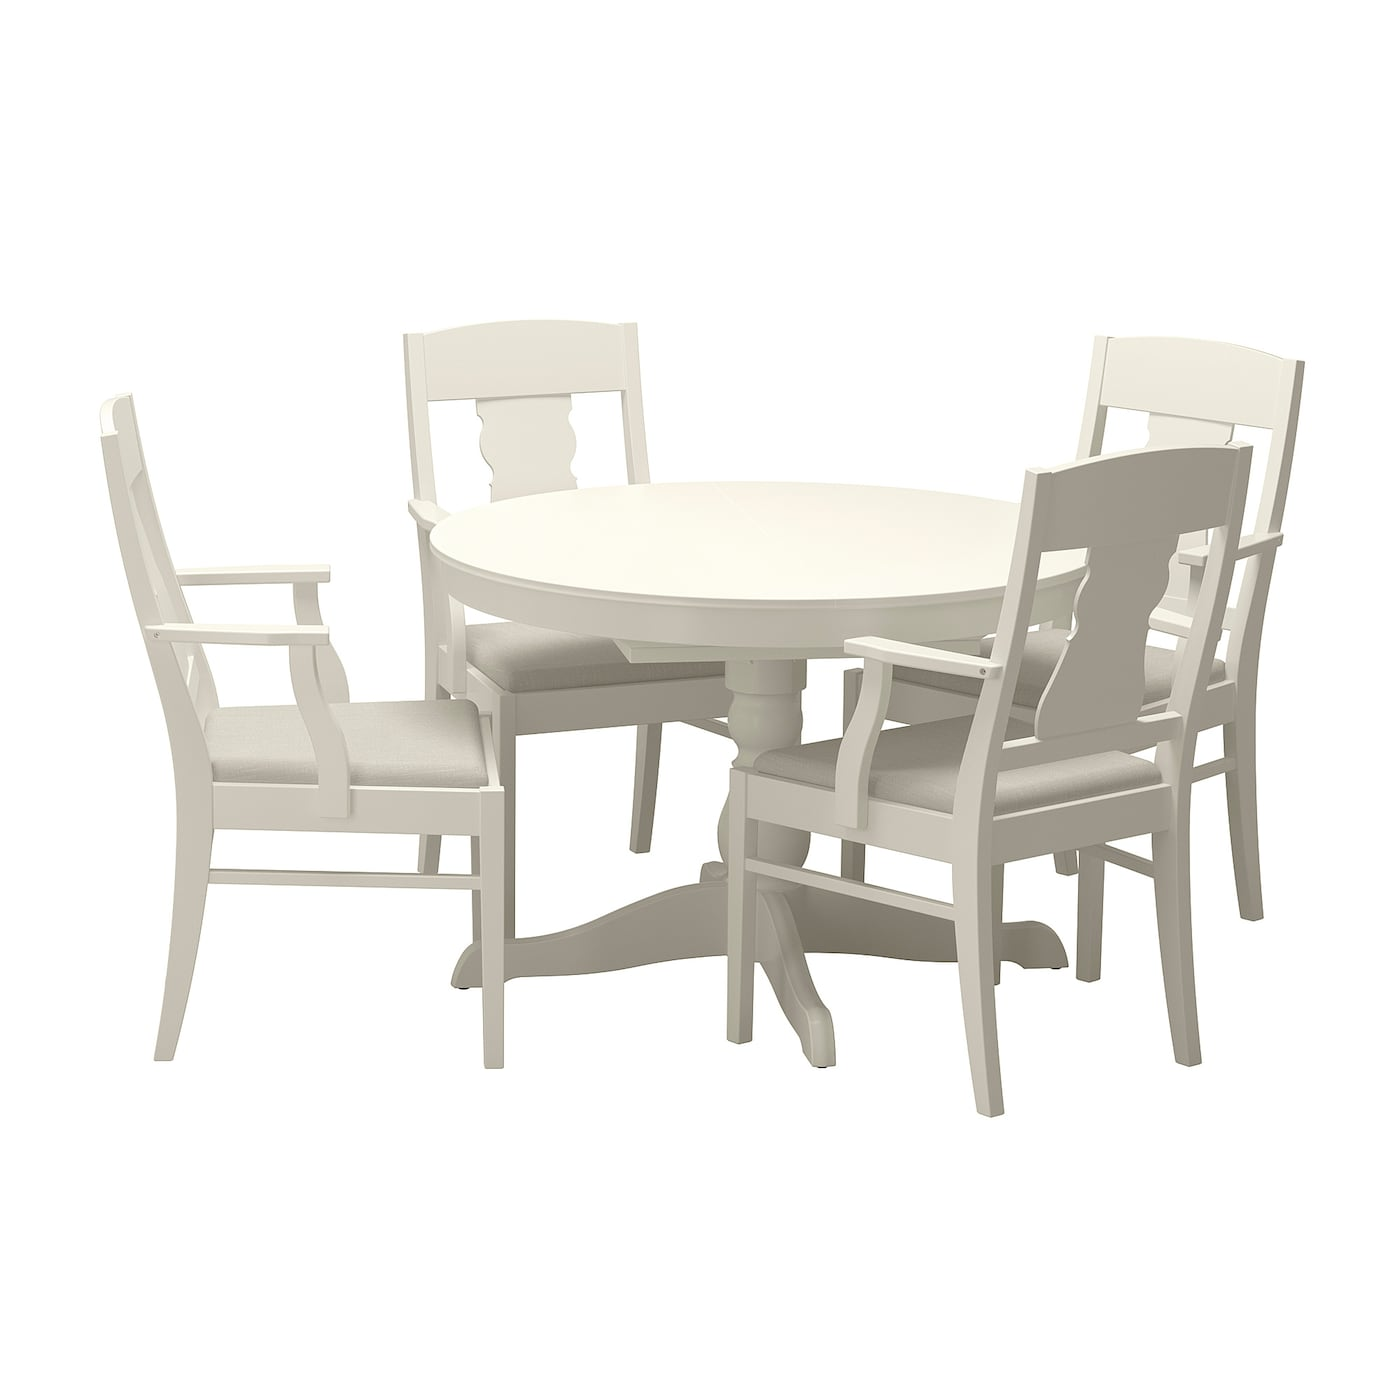 Conjuntos de Comedor para 4 Personas | Mesas y Sillas | Compra ...